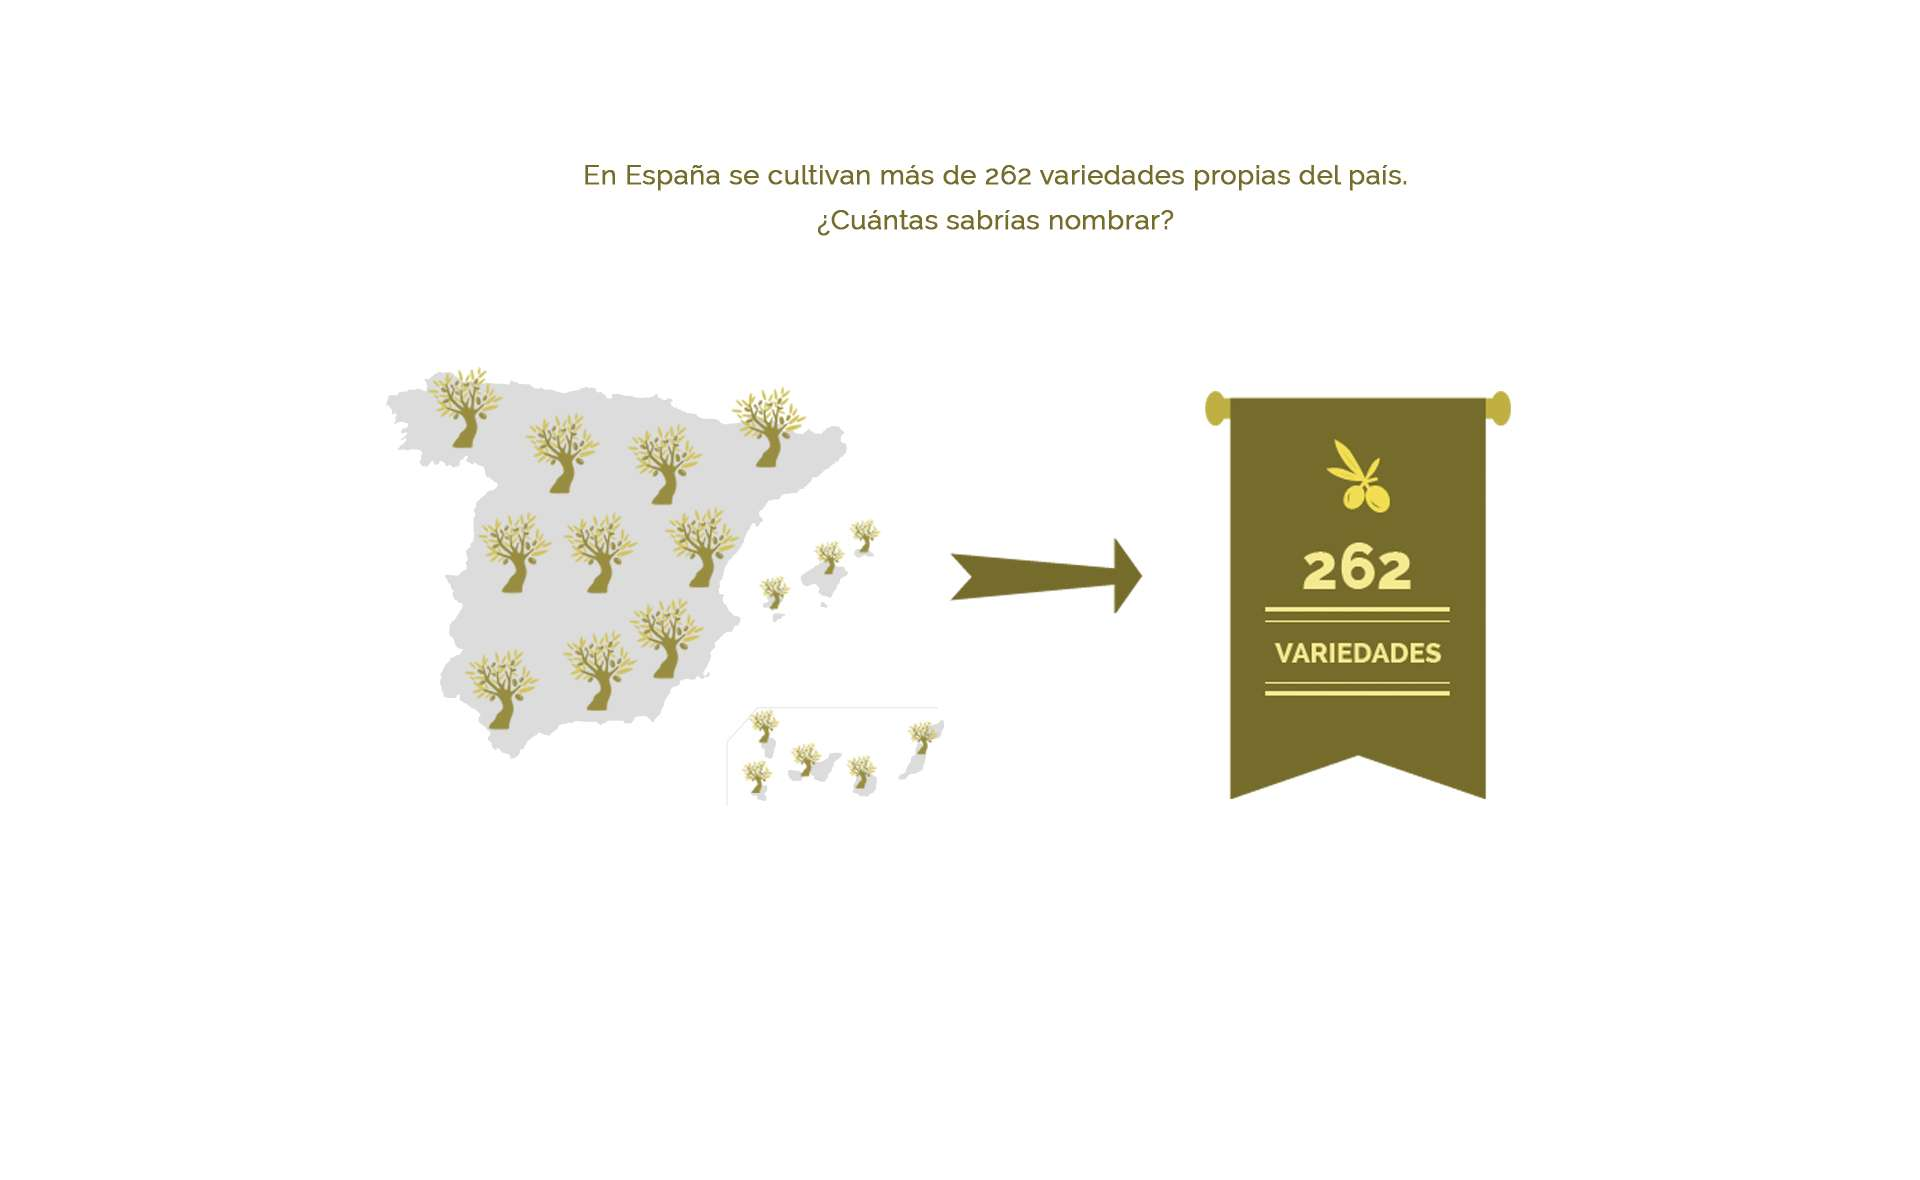 262 variedades del aceite de oliva cultivadas en España